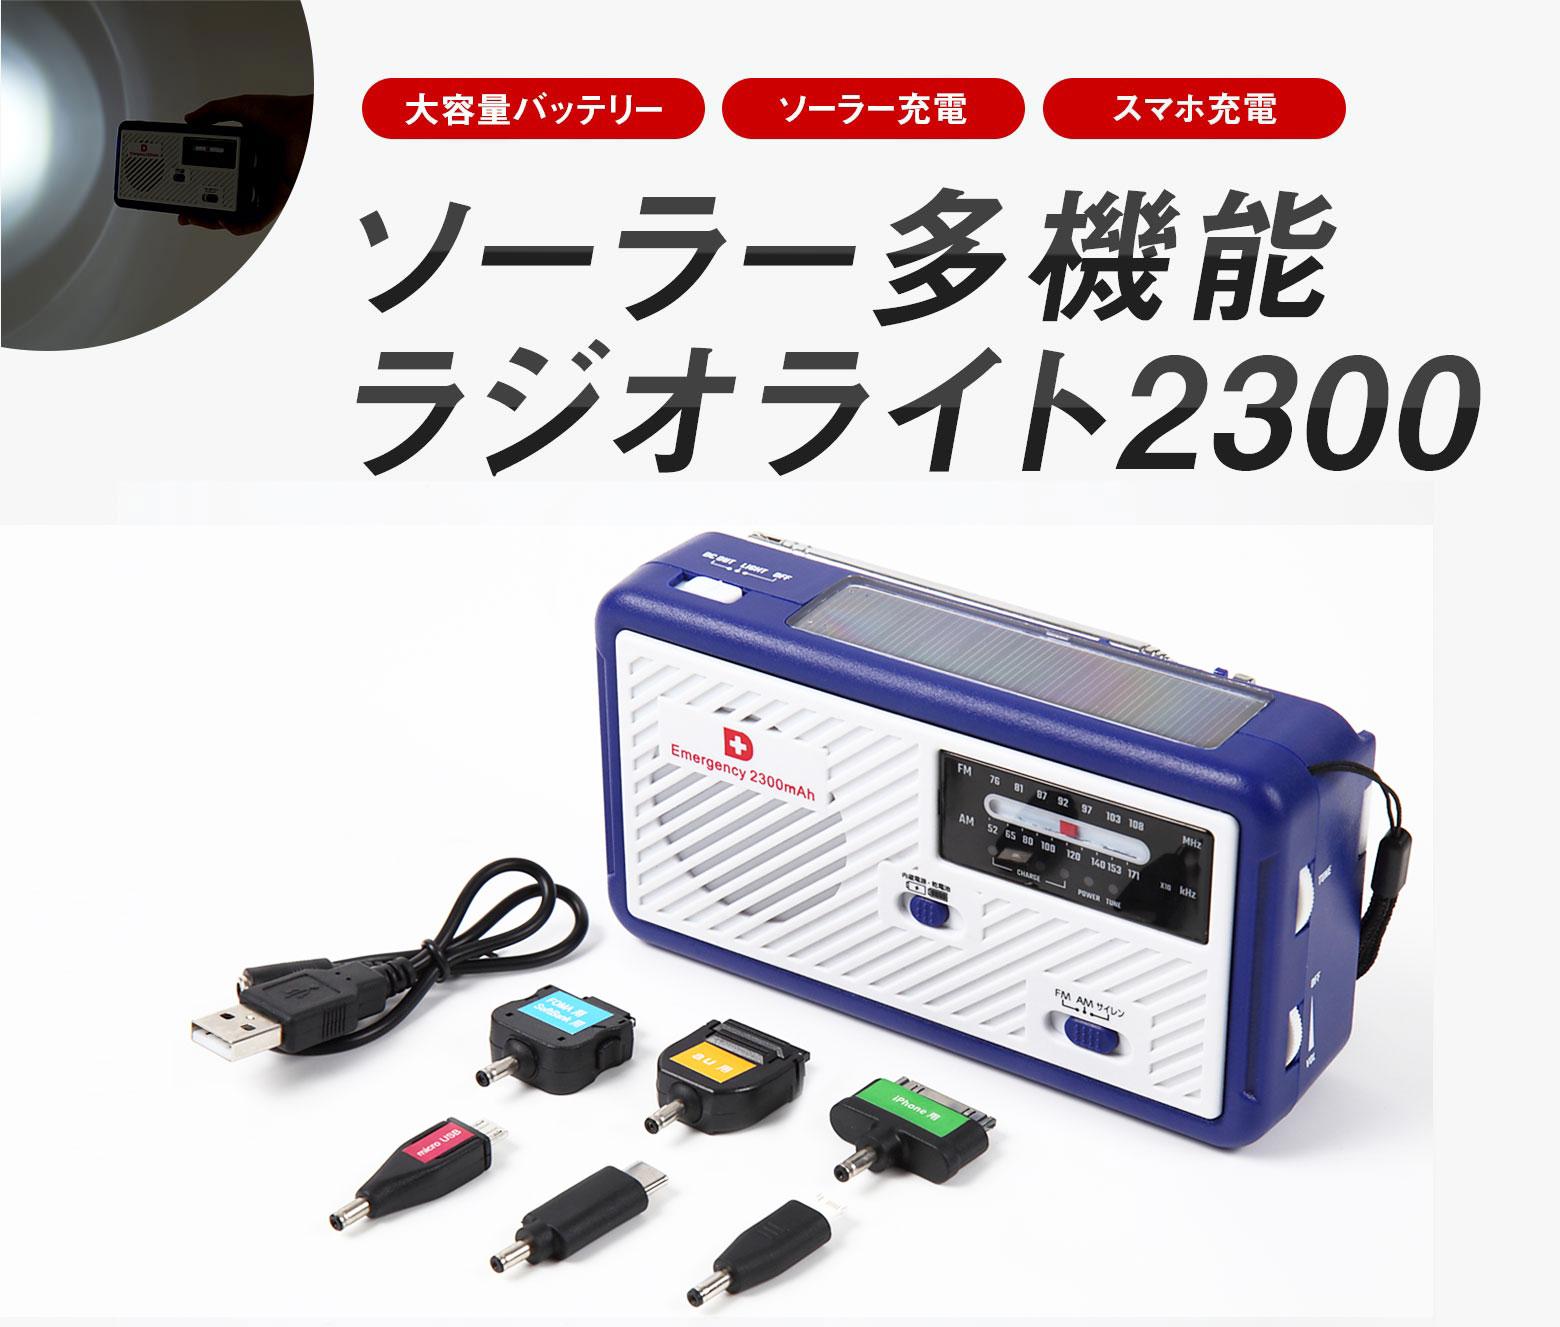 ソーラー多機能 ラジオライト2300